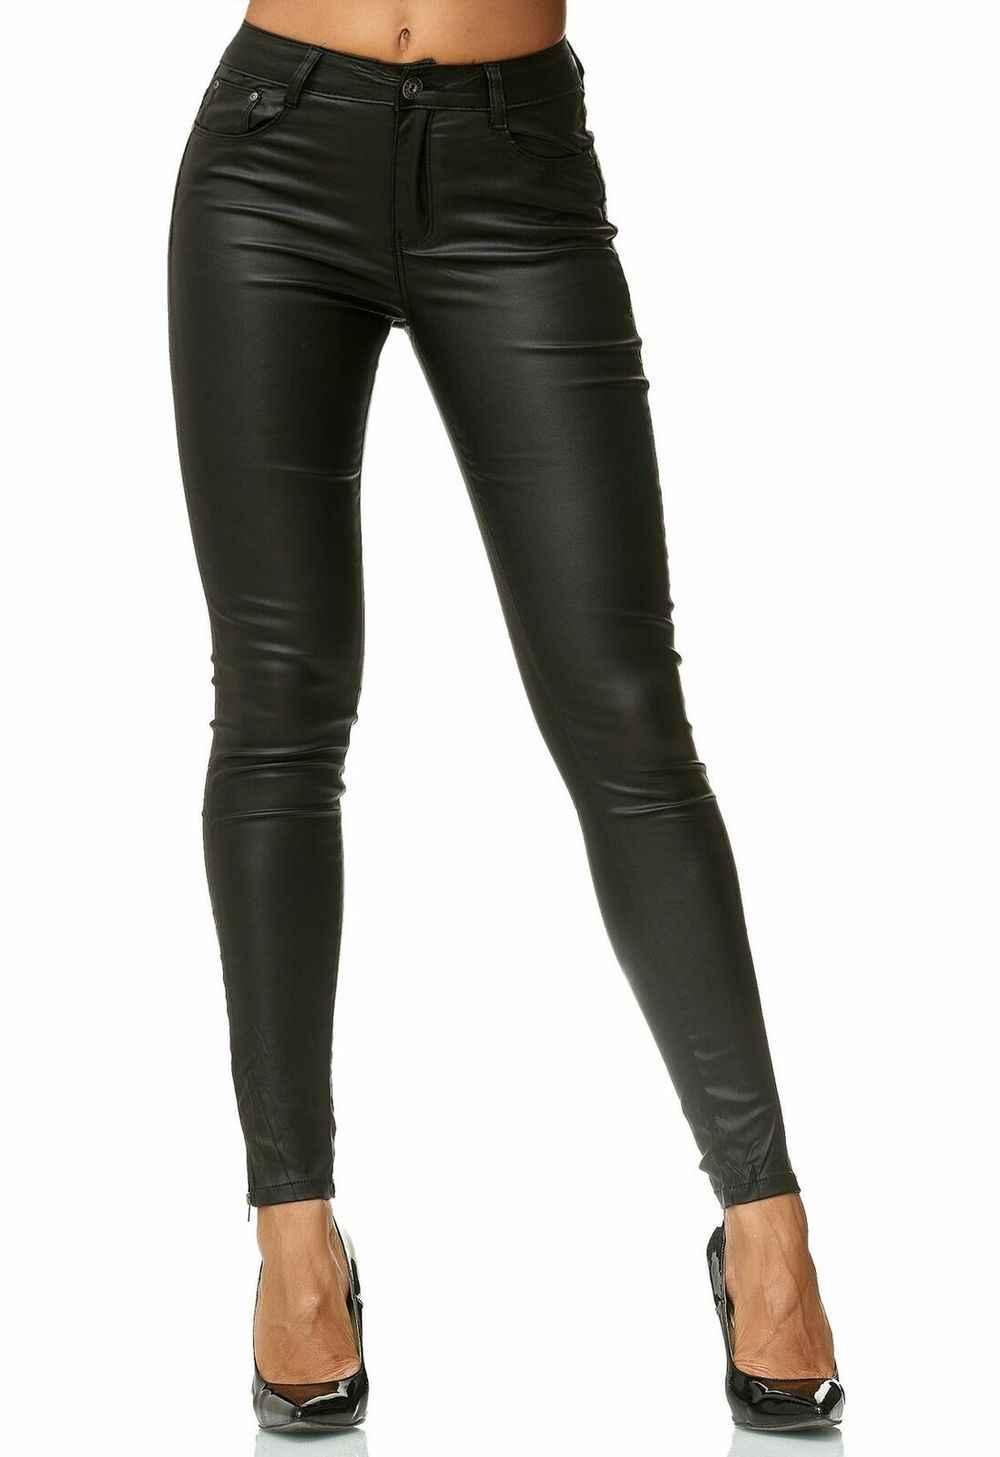 Zogaa Pantalones De Cuero De Cintura Alta Para Mujer Pantalon De Piel Sintetica Pitillos Elasticos Para Otono E Invierno Pantalones Y Pantalones Capri Aliexpress